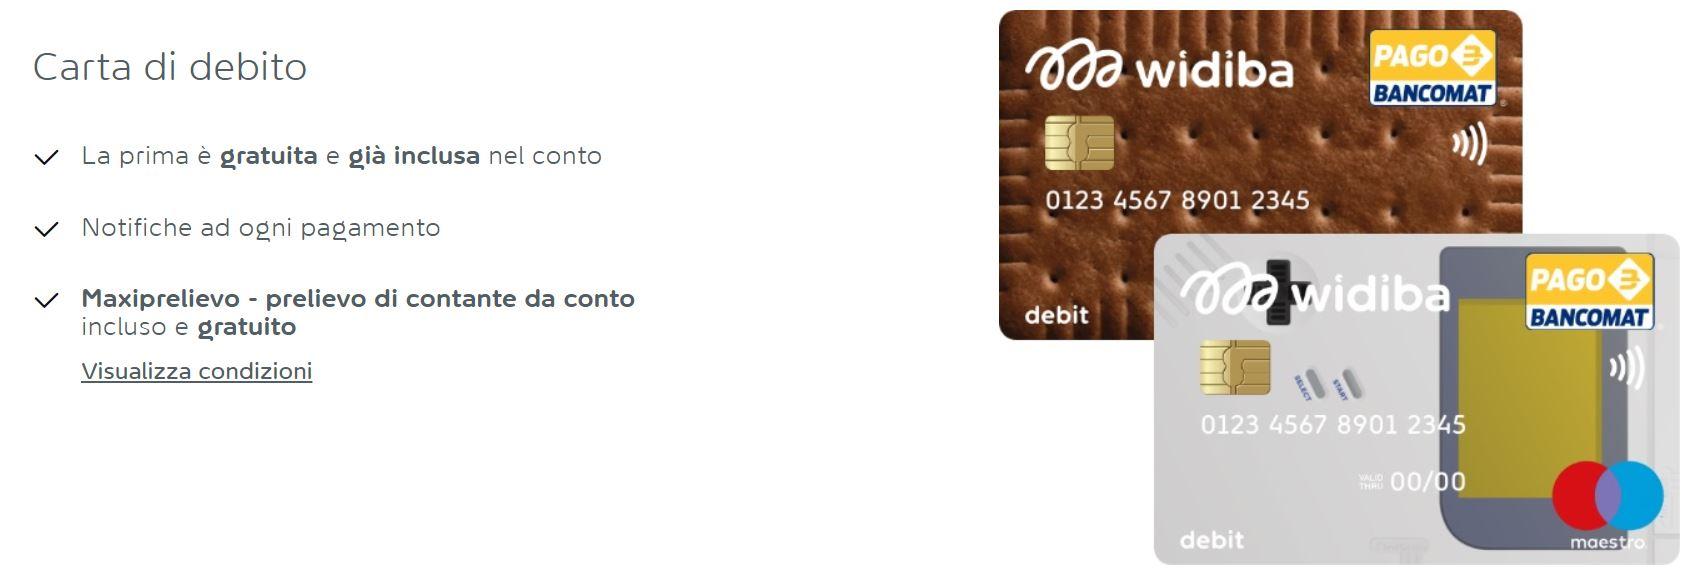 migliore carta di debito